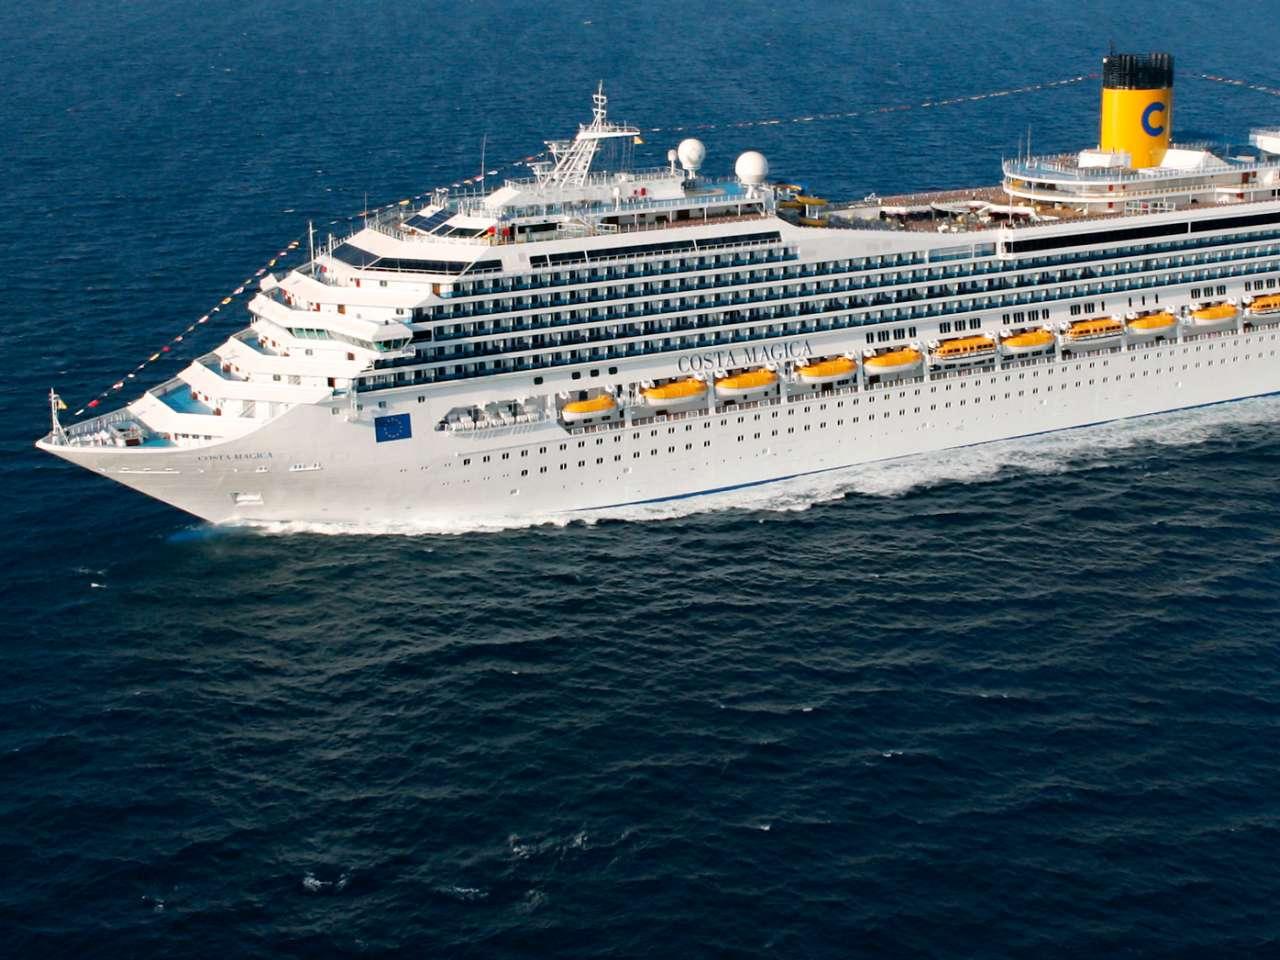 300 passagers martiniquais à bord du Costa Magica n'ont pas accosté à Sainte Lucie